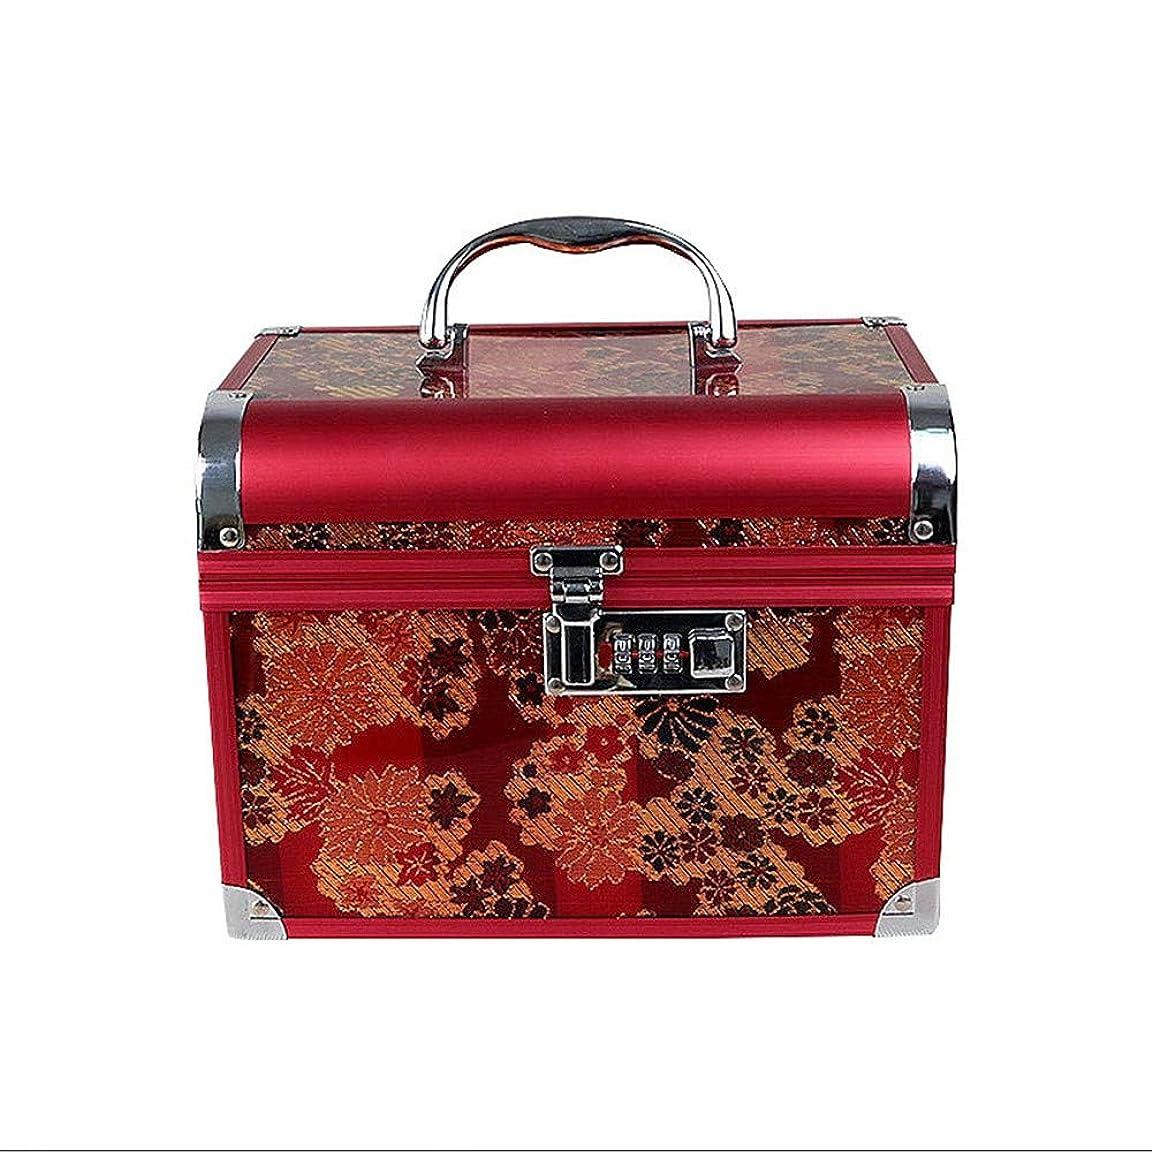 ポテト脚本家追加する化粧オーガナイザーバッグ 美容メイクアップのための大容量ポータブル化粧ケース、女性用女性用旅行用品、コード付きロック付き折り畳みトレイ 化粧品ケース